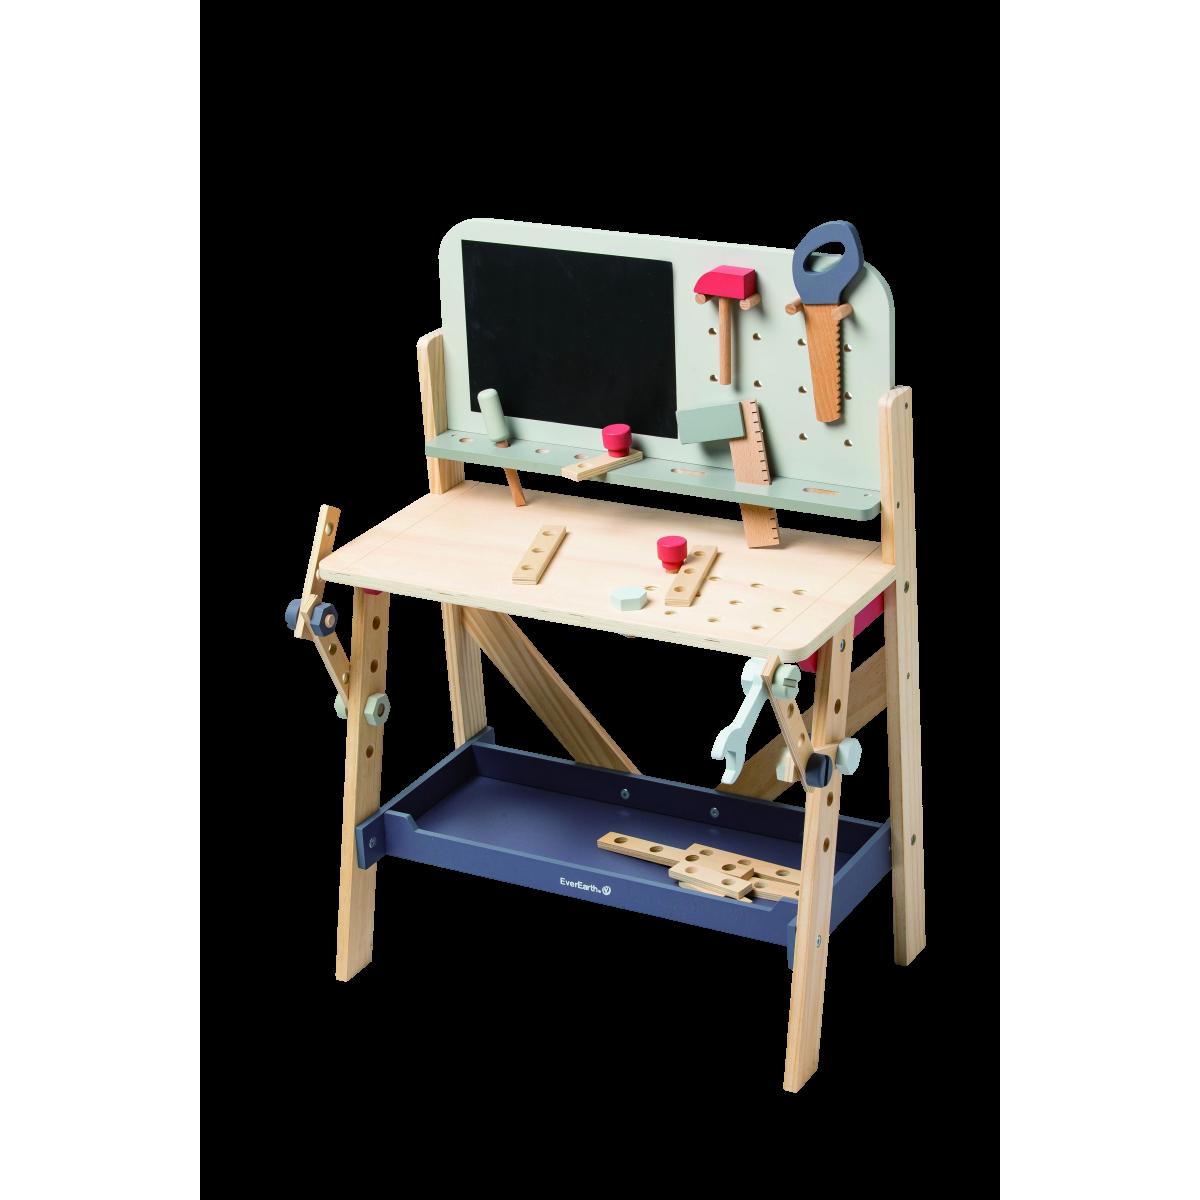 Stor værktøjsbænk - Pastel